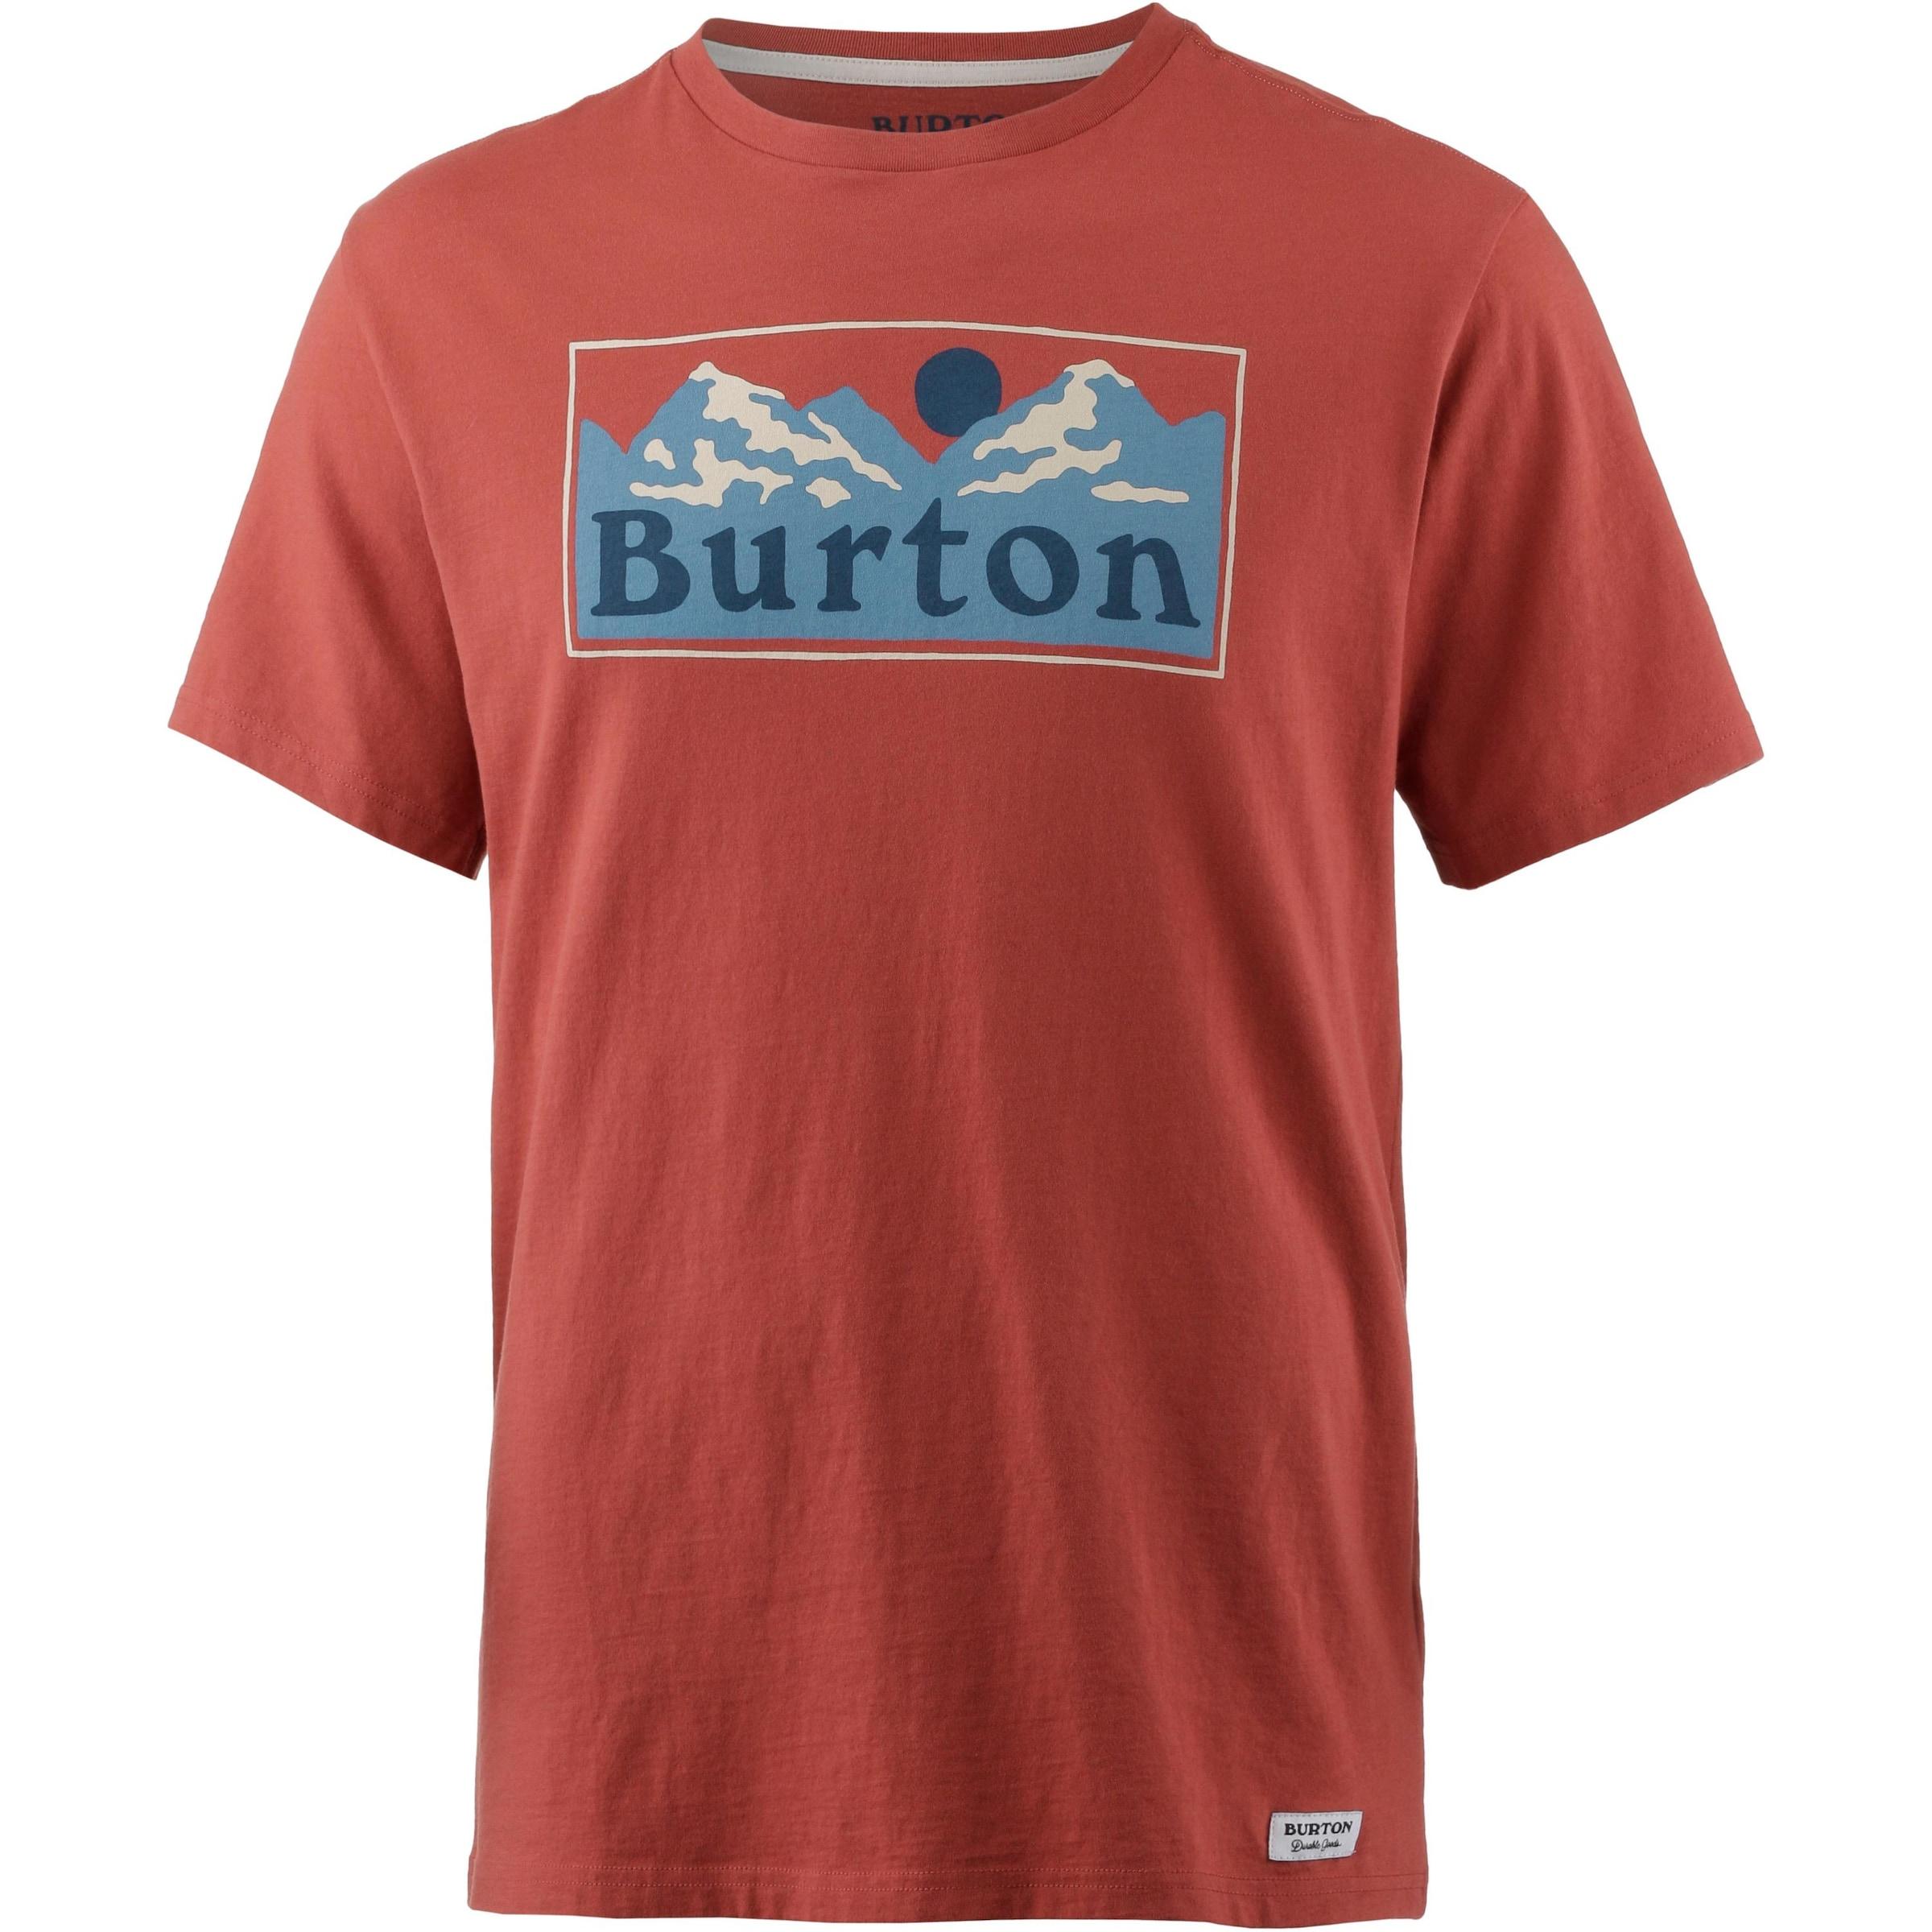 Rabatt Schnelle Lieferung BURTON 'RALLEYE' T-Shirt Herren Günstig Kaufen Shop Billig Verkaufen Ausgezeichnete Online NxjWZaR